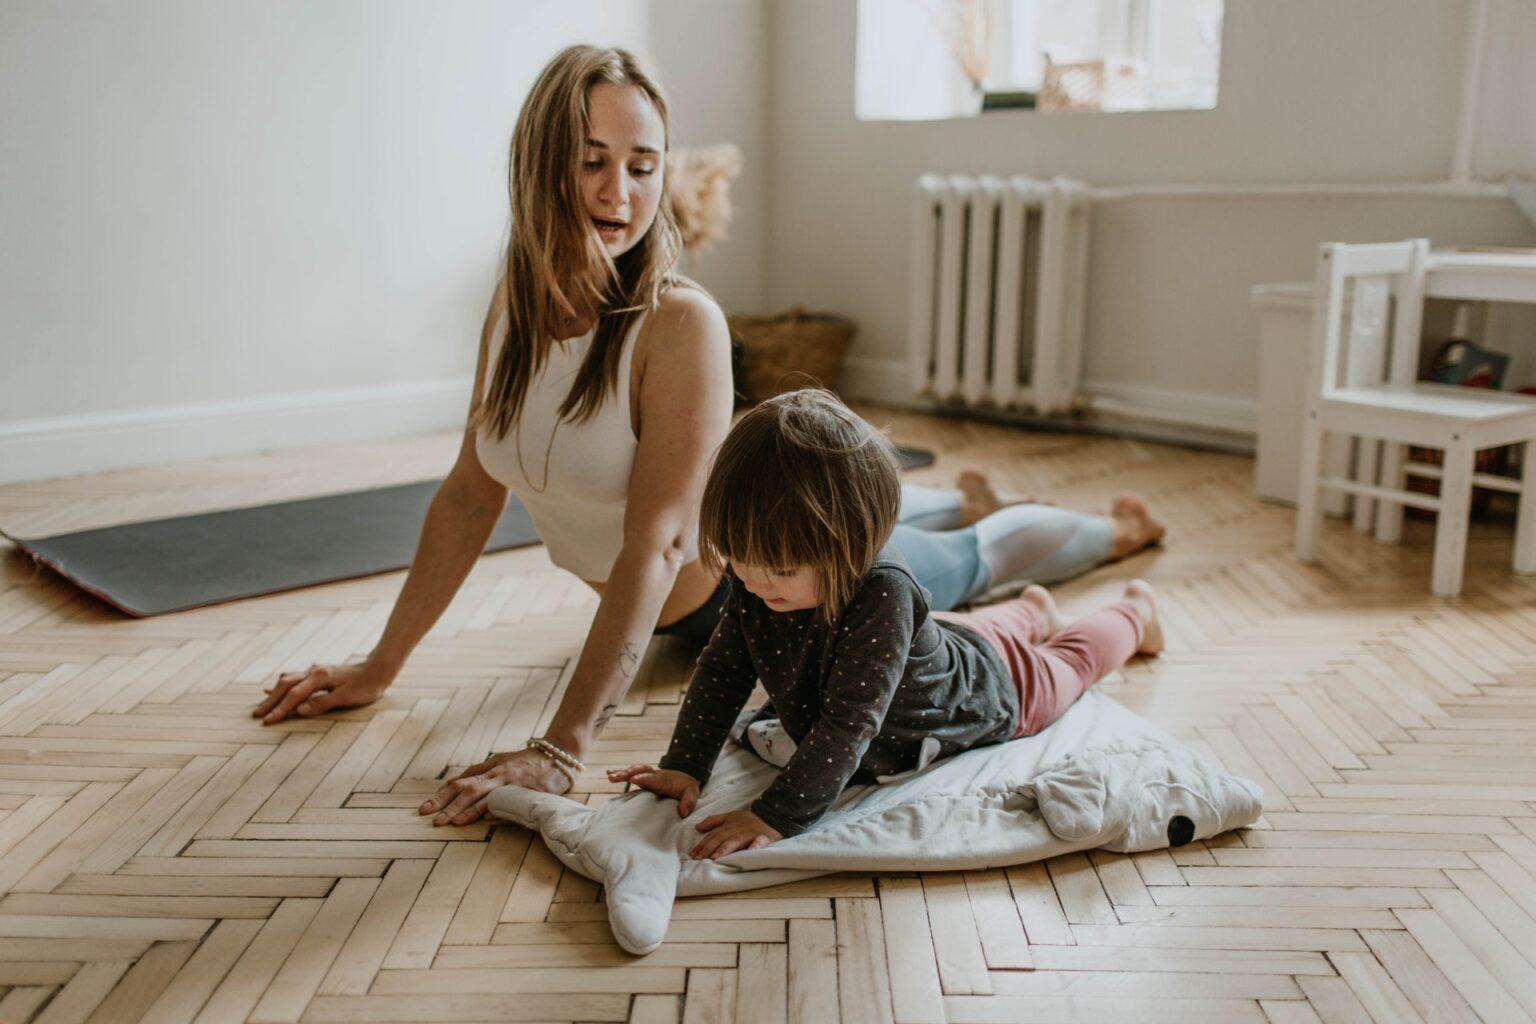 Mum and kid exercising